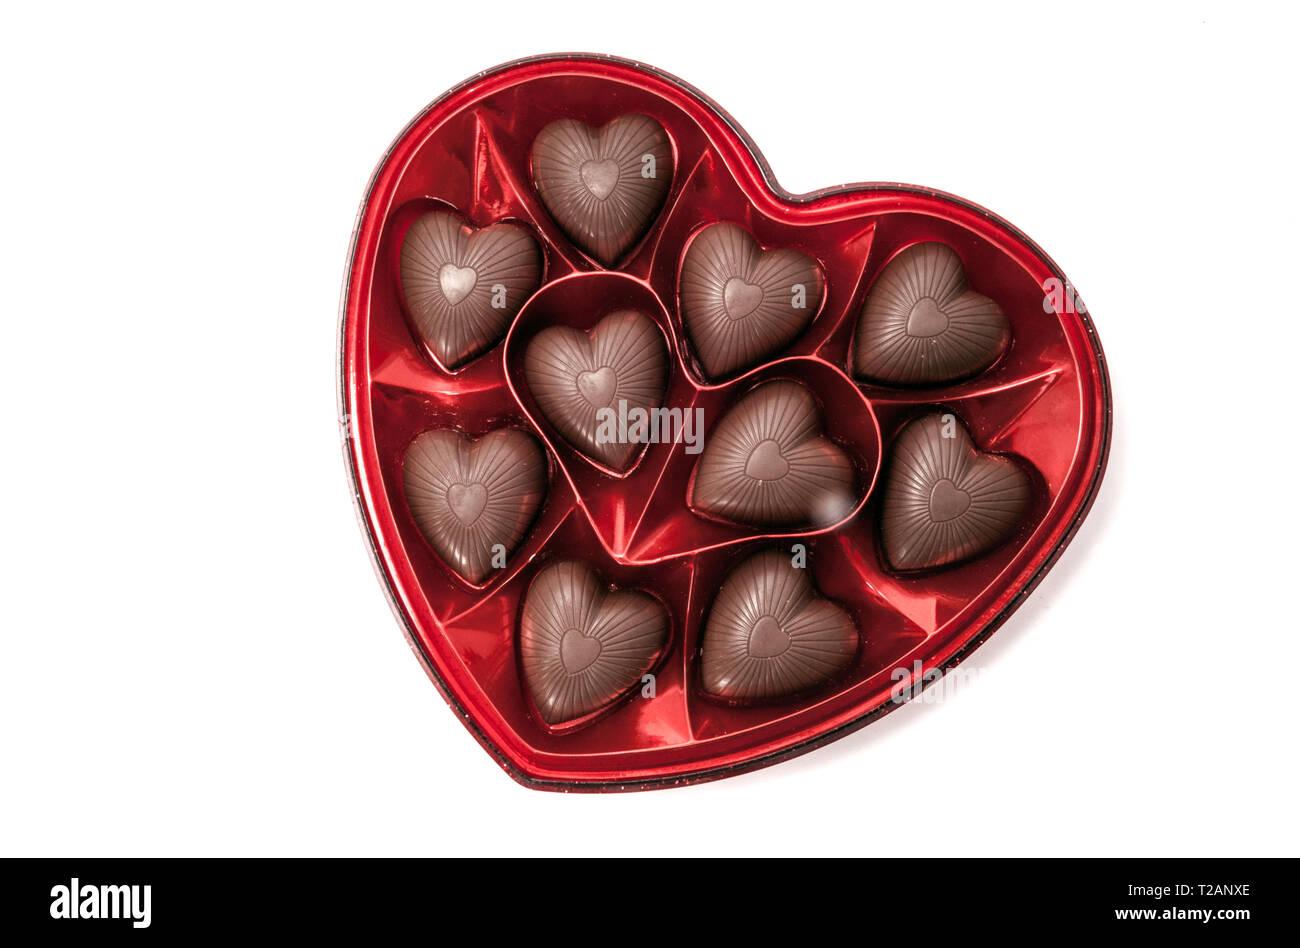 Cuore scatola sagomata di San Valentino caramella di cioccolato isolato su bianco Immagini Stock